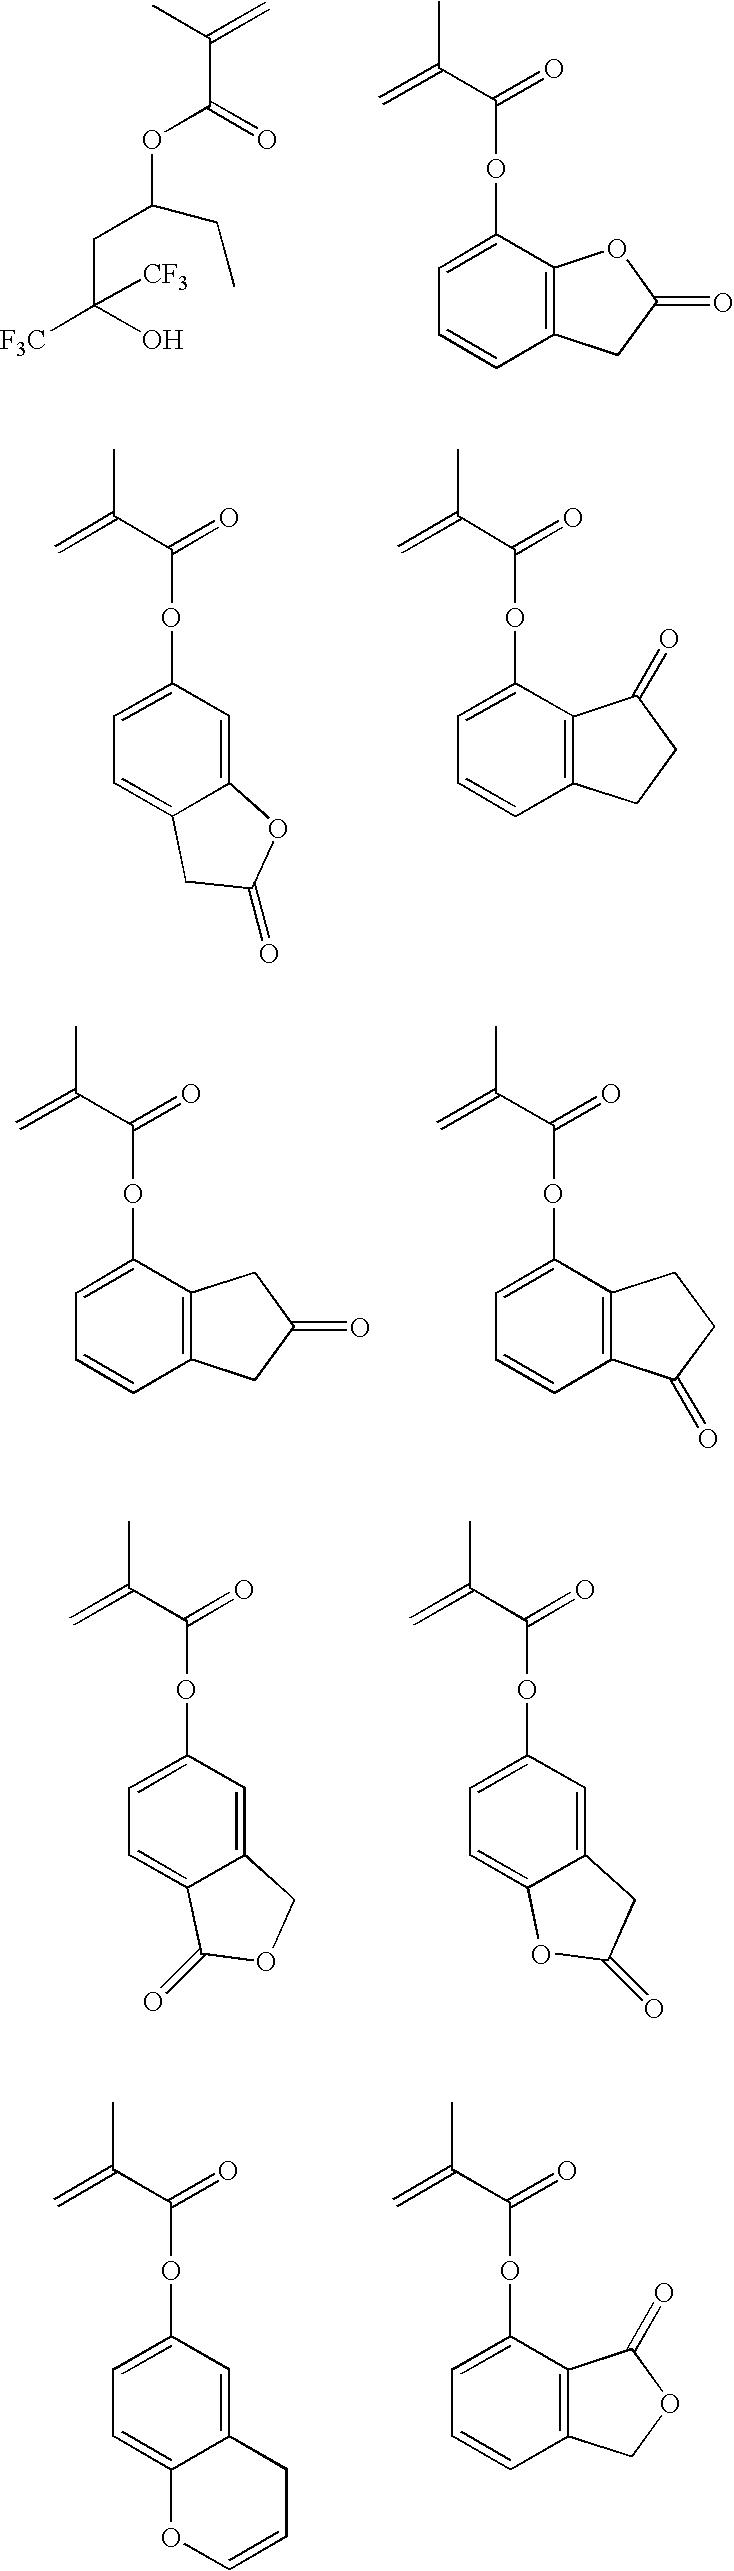 Figure US20100178617A1-20100715-C00043